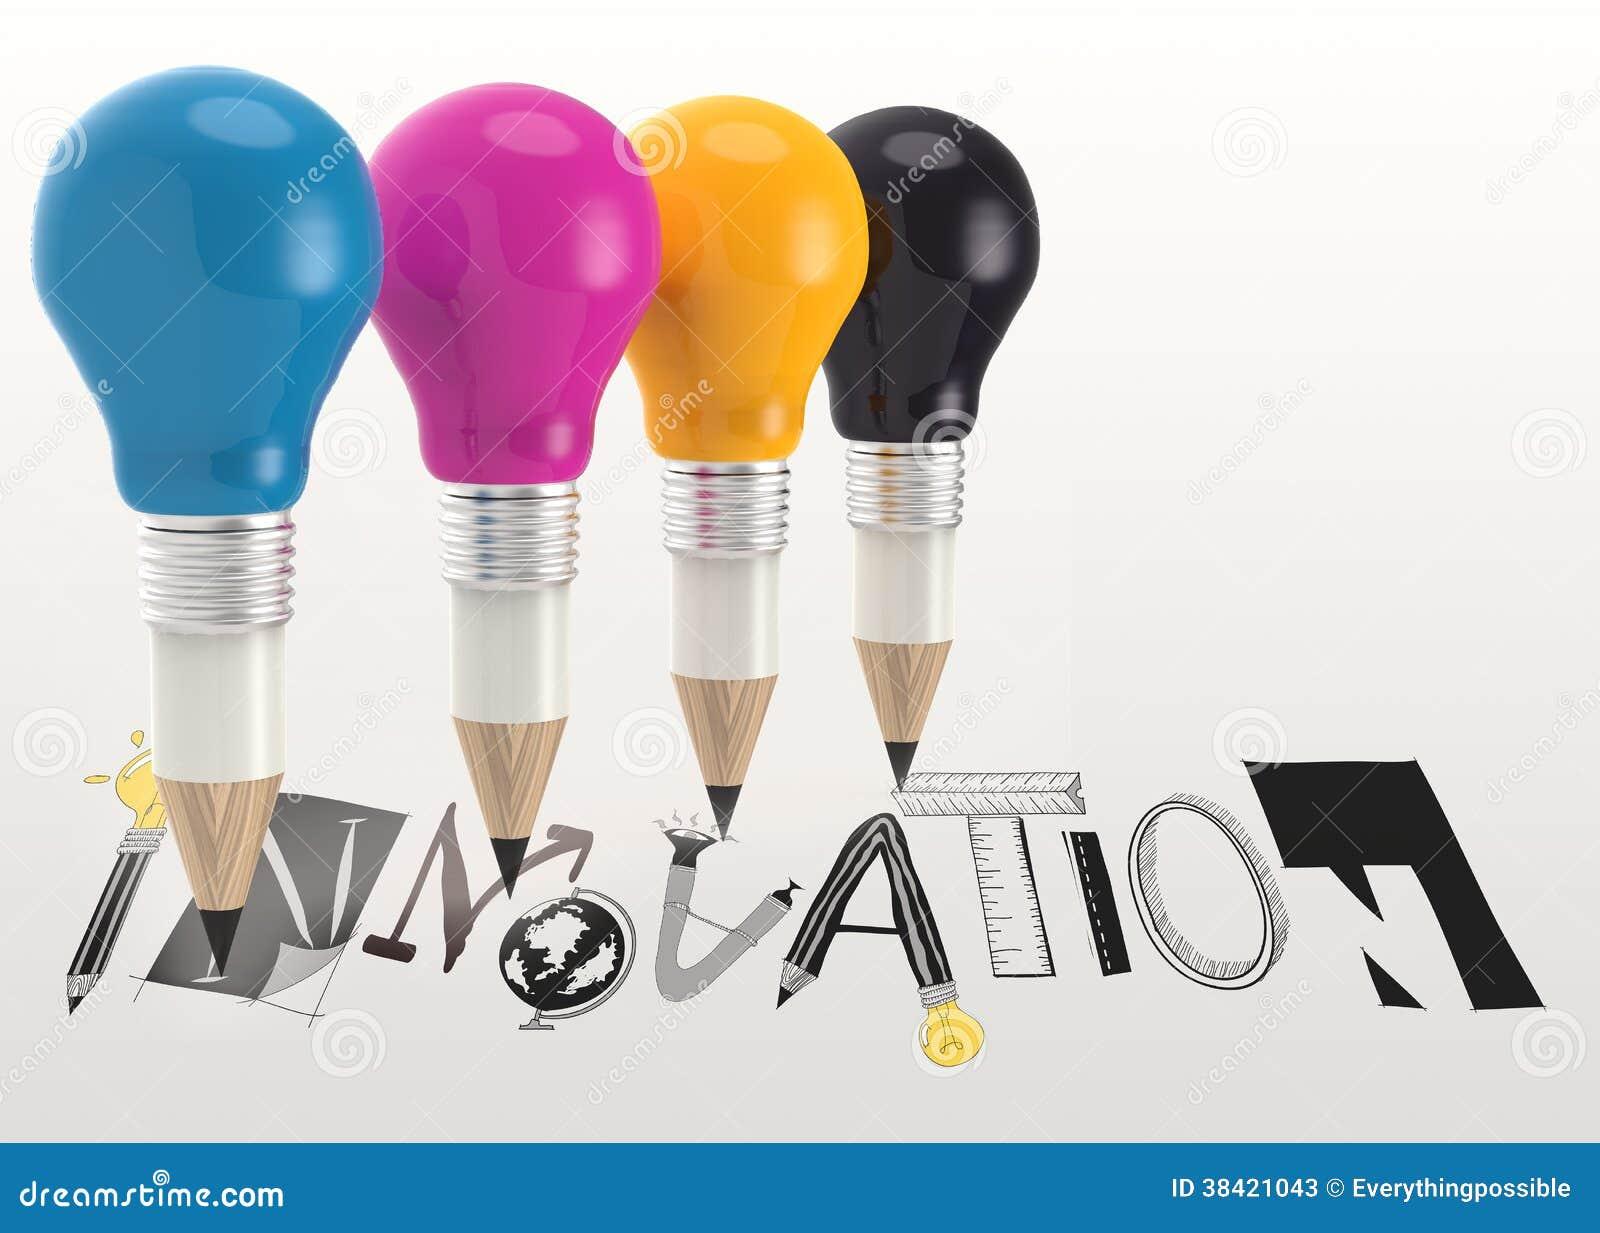 графическое слово НОВОВВЕДЕНИЕ и электрическая лампочка карандаша 3d